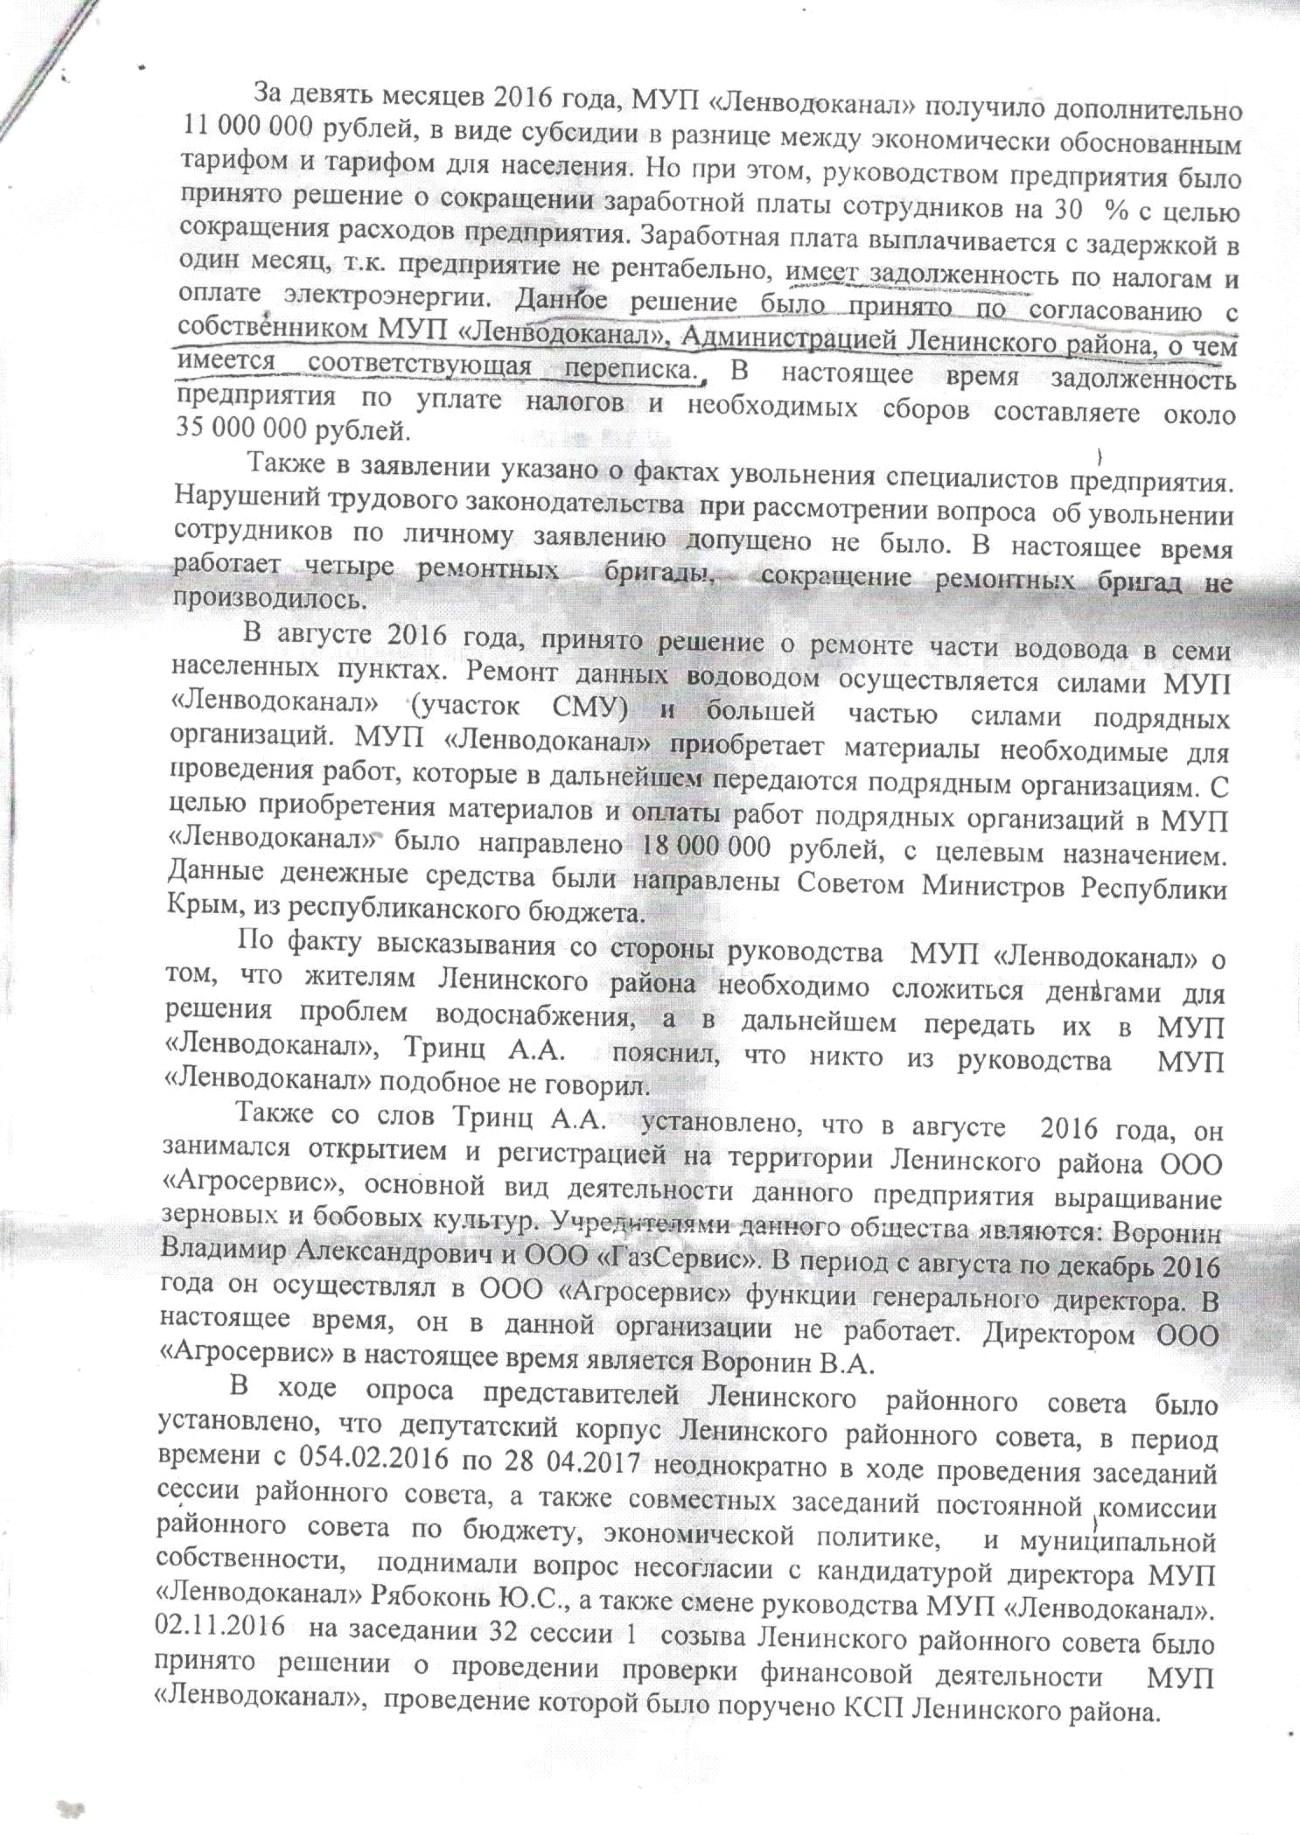 В Крыму набирает обороты дело «Ленводоканала»